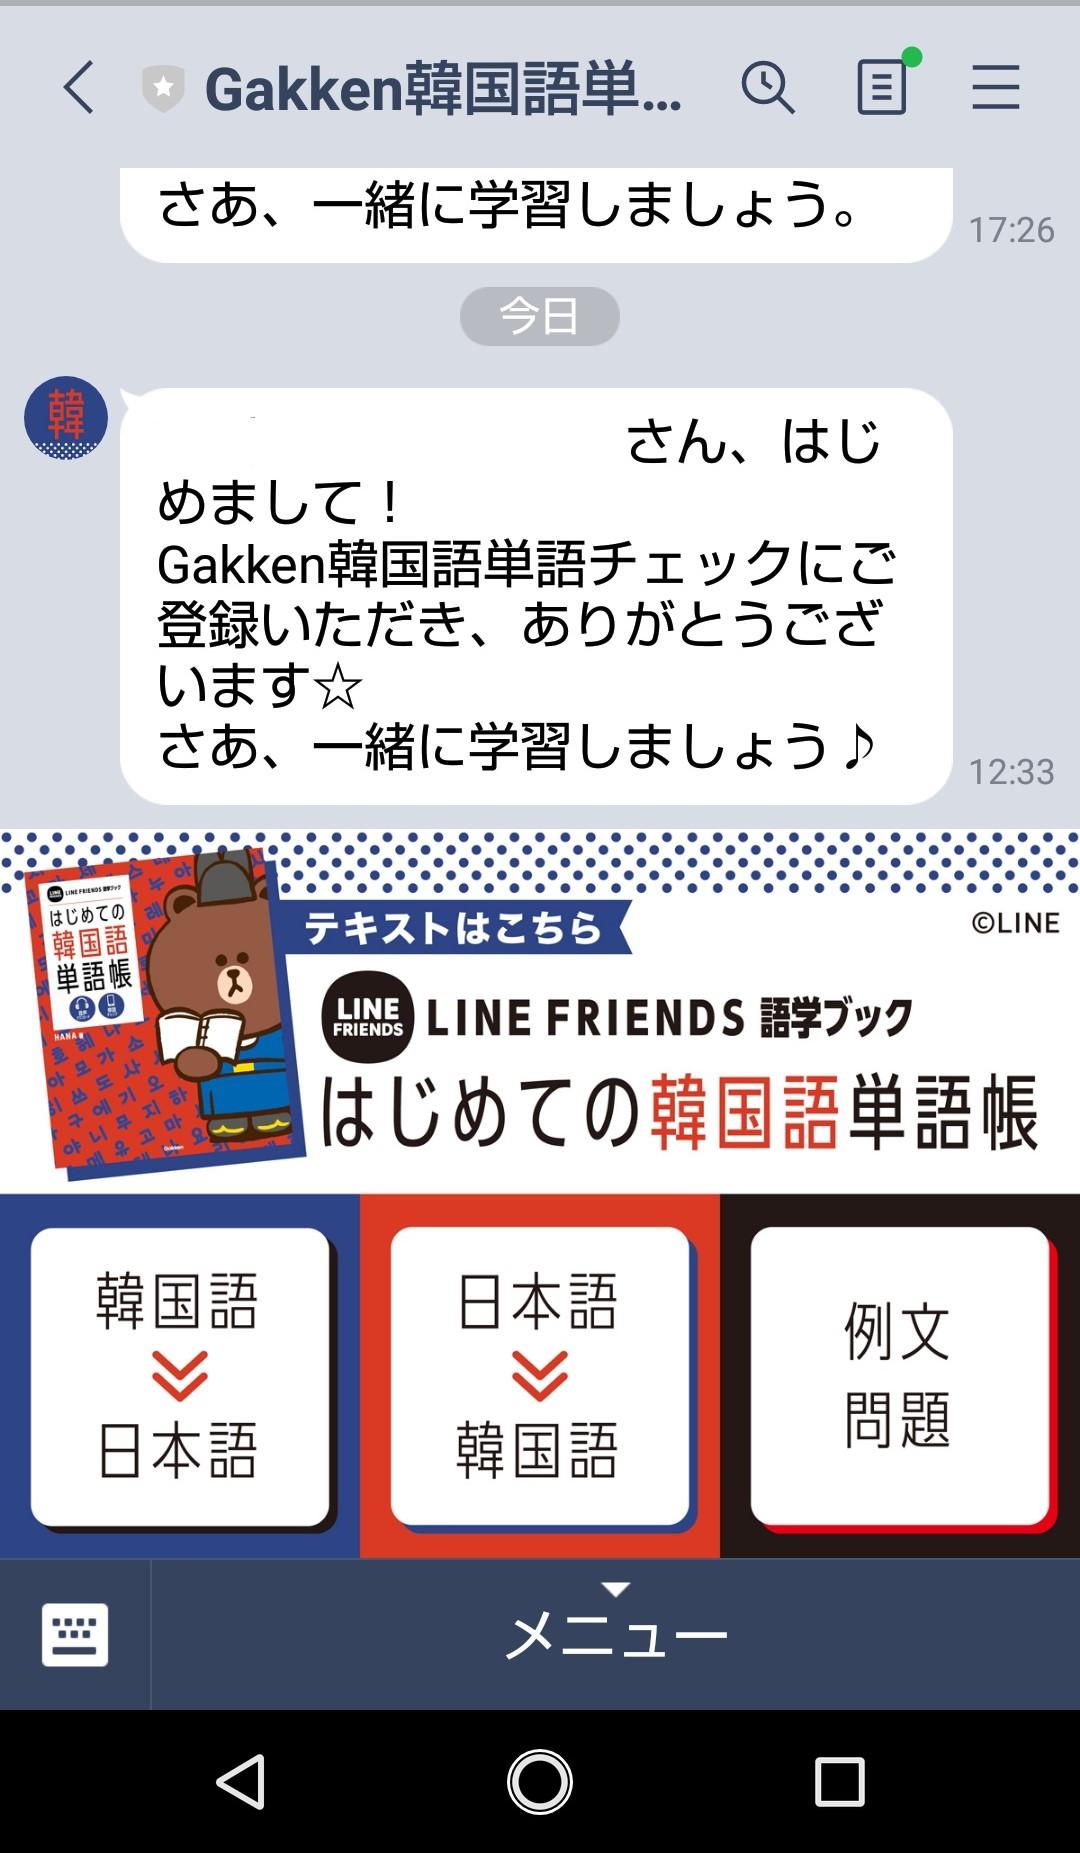 「Gakken韓国語単語チェック」で早押しクイズ学習 画像